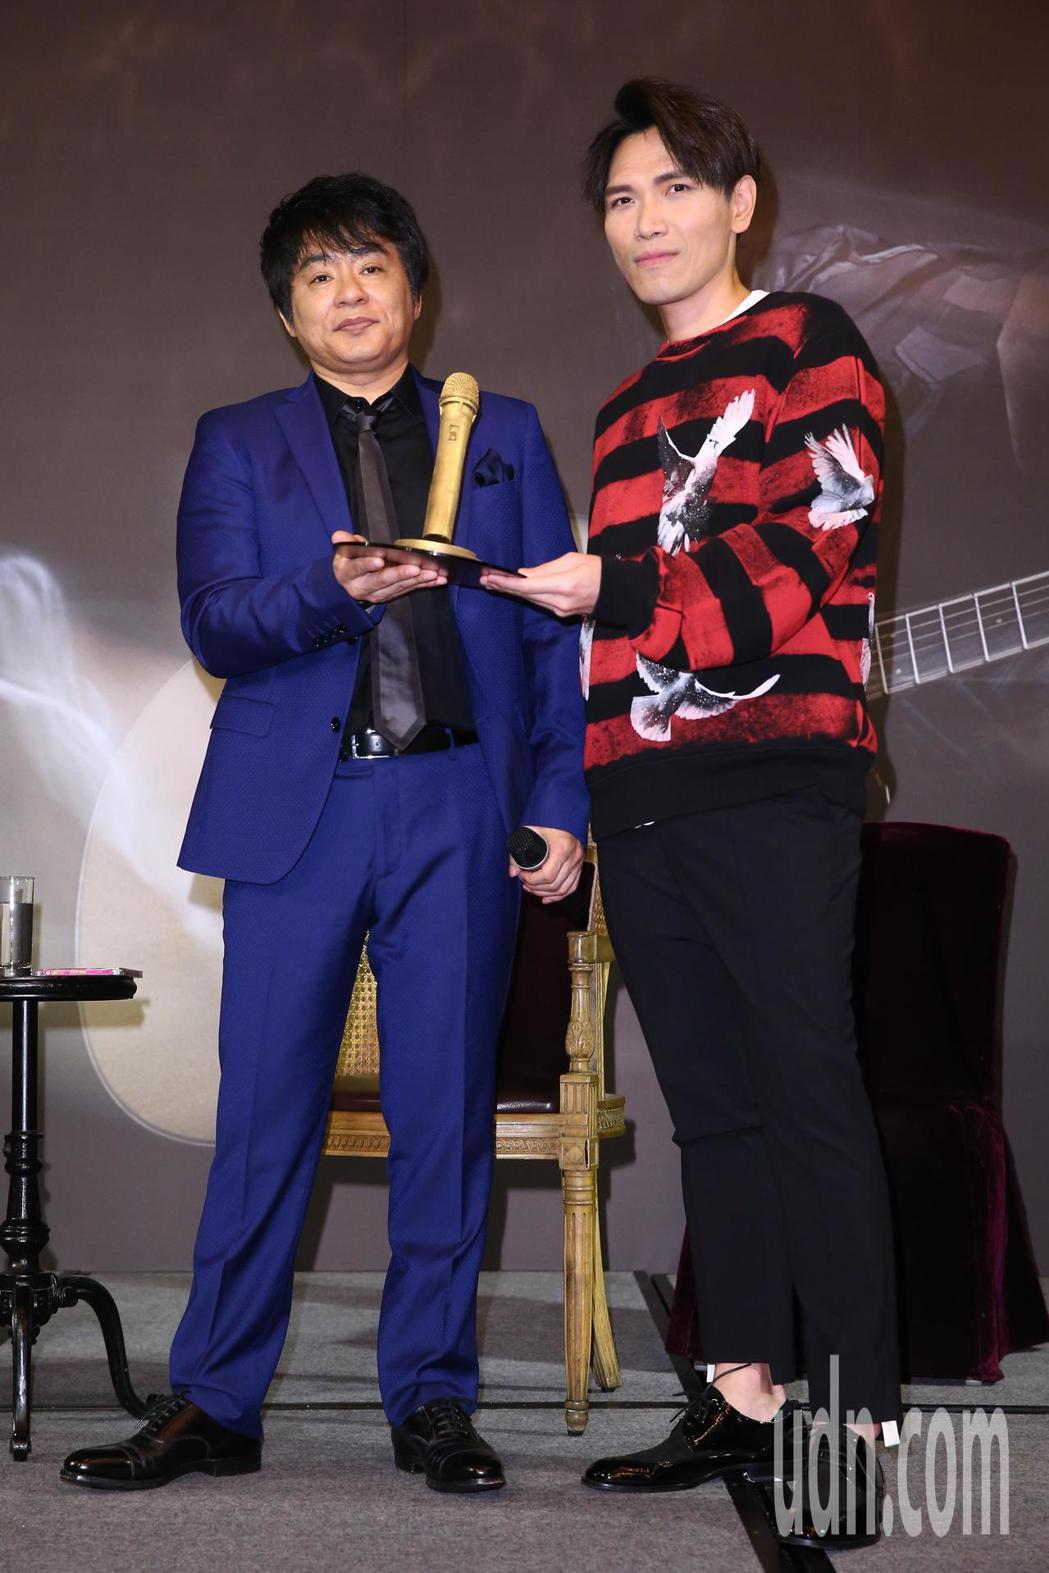 日星ASKA(左)今天舉辦媒體見面會,粉絲楊宗緯(右)送上巧克力做成的麥克風致意